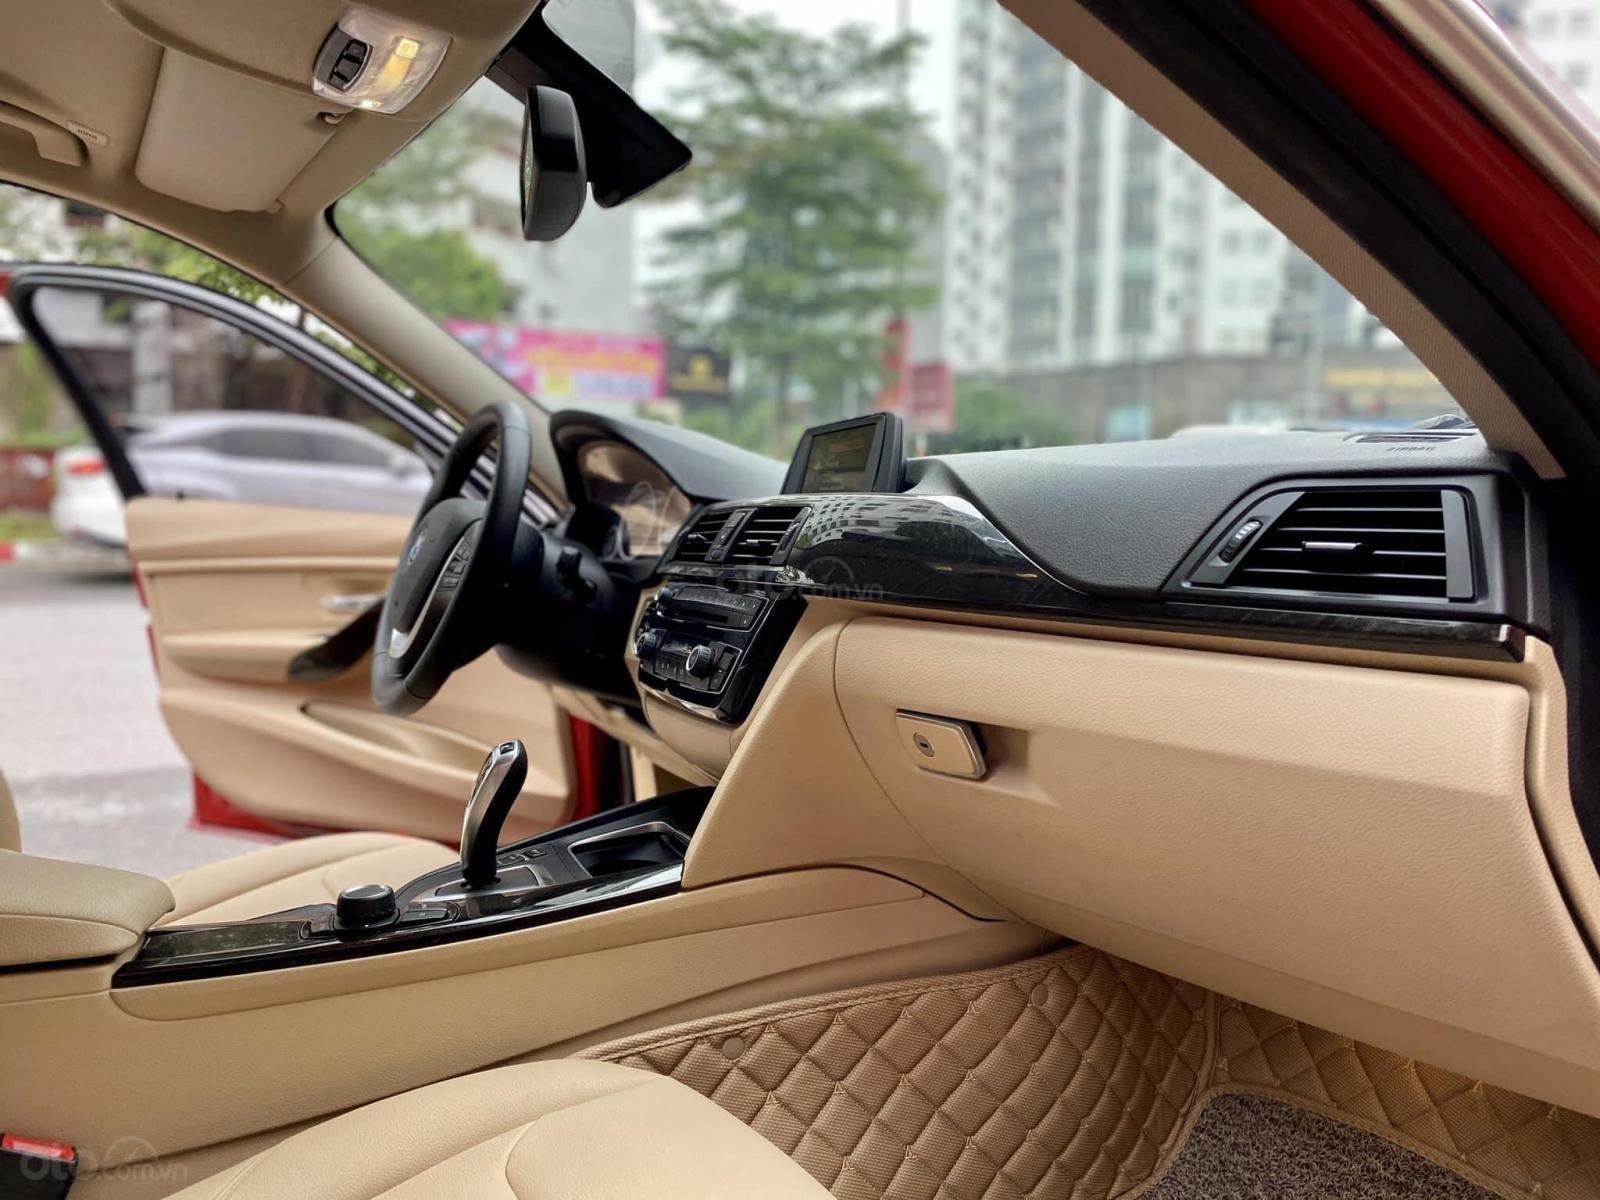 Bán gấp BMW 320i model 2016  xe đẹp long lanh, giá cực ngầu cho anh em (7)